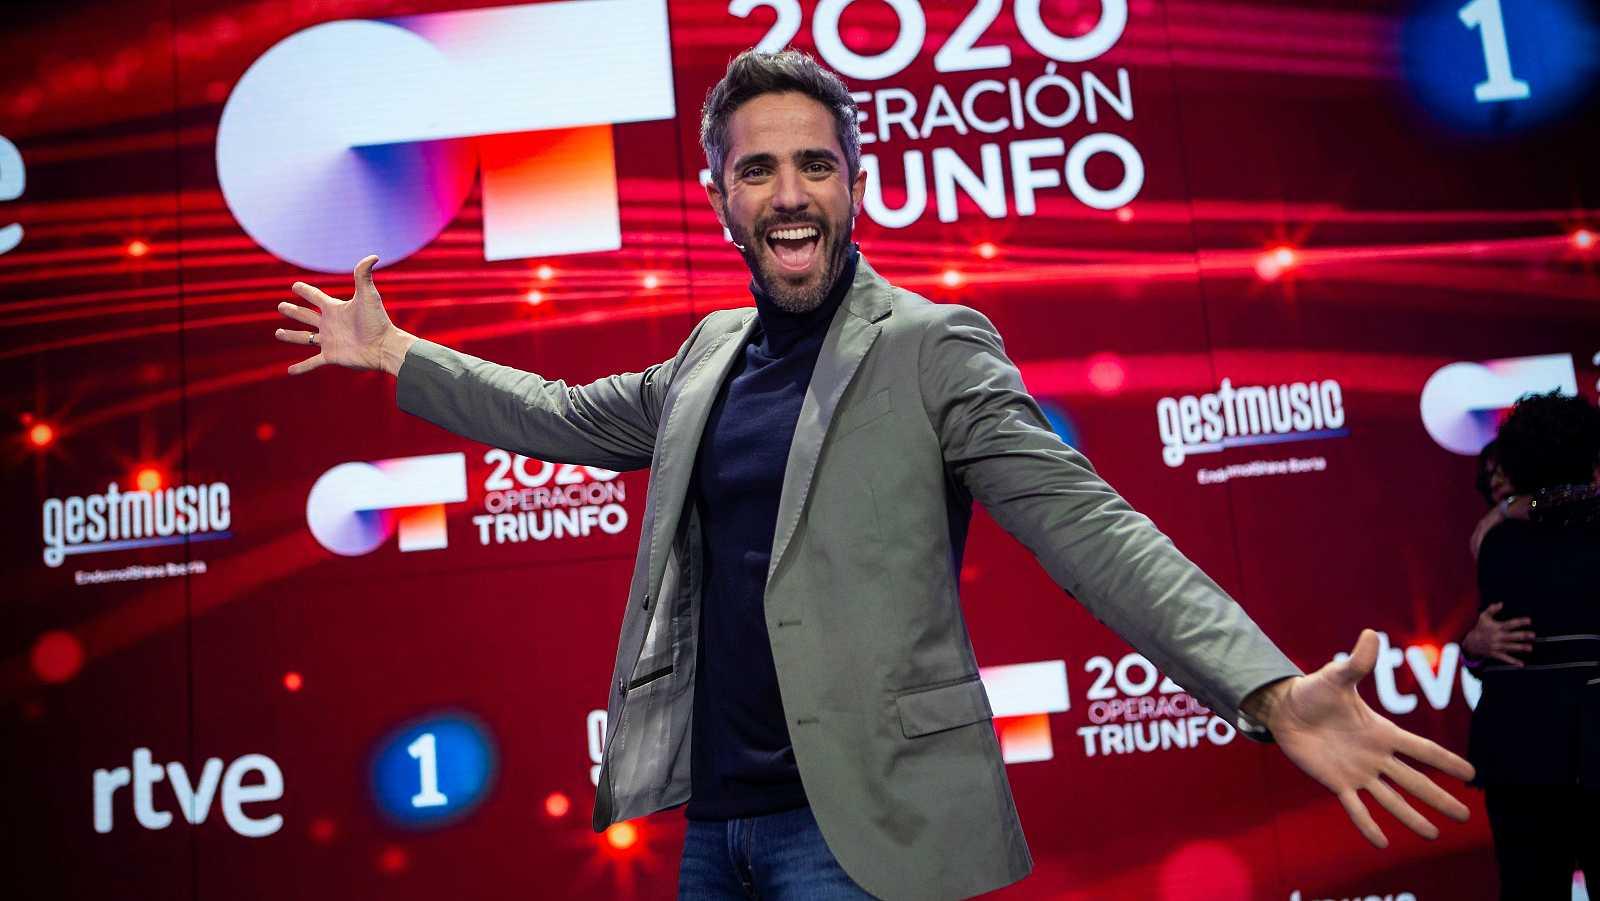 Operación Triunfo regresa a TVE el próximo 12 de enero